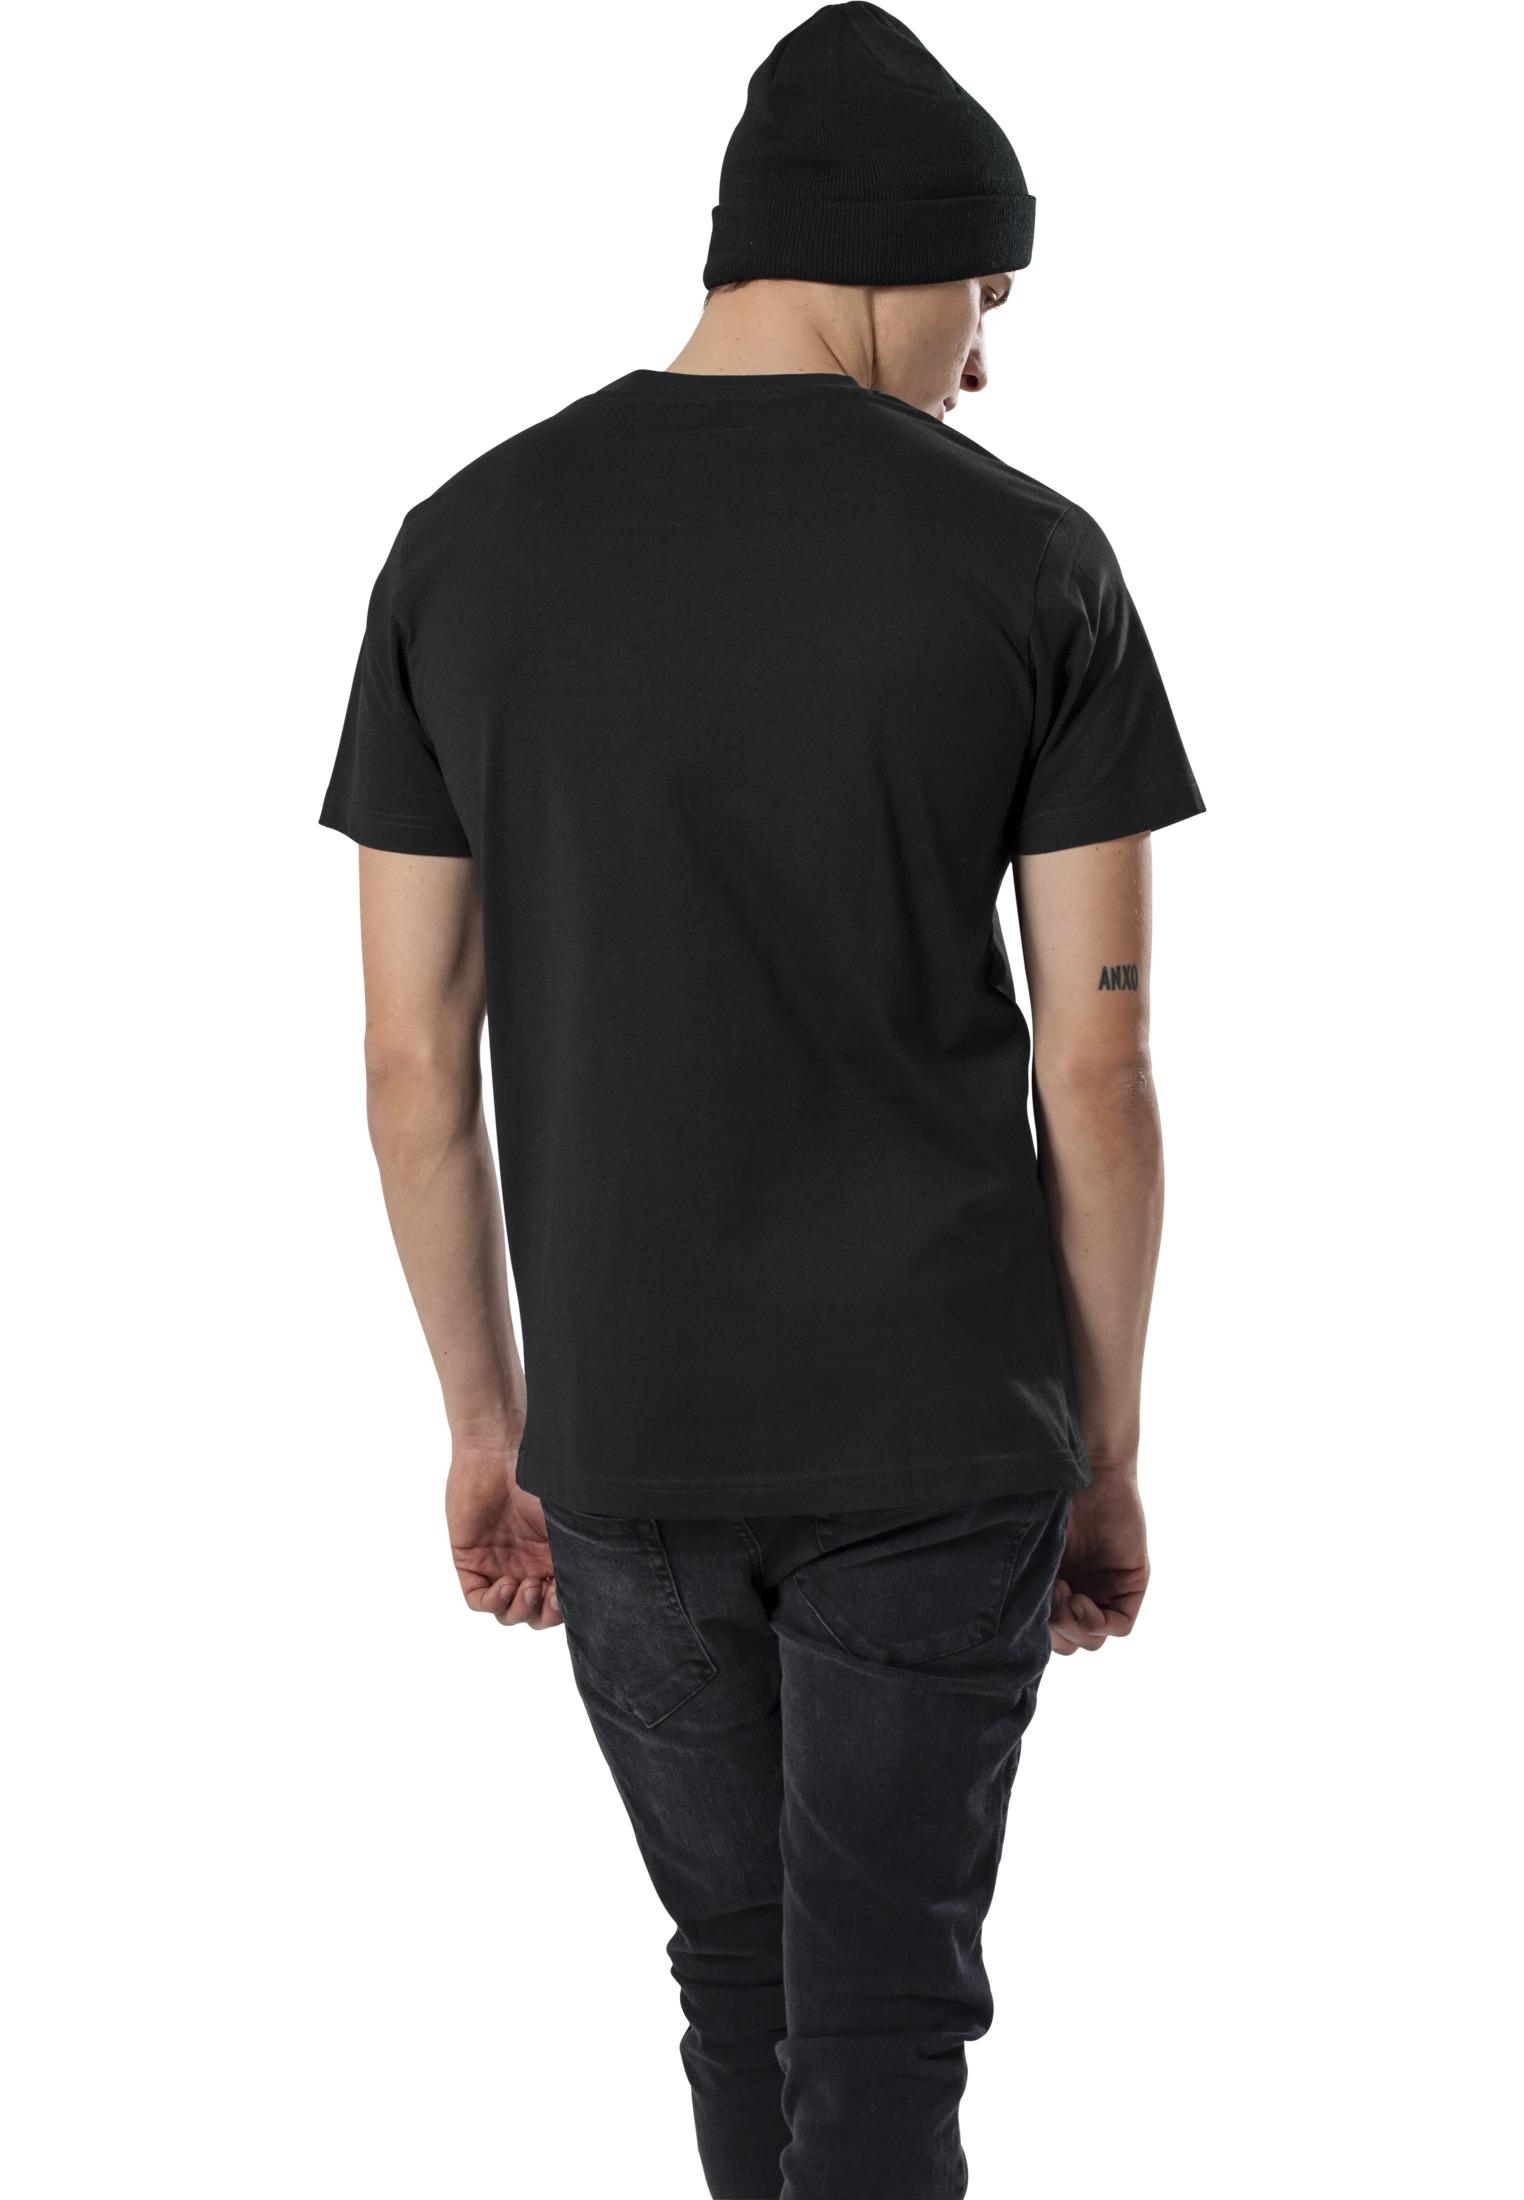 Urban Classics AC//DC Voltage Tee MT451 Black T-Shirt Herren S-5XL Übergrößen